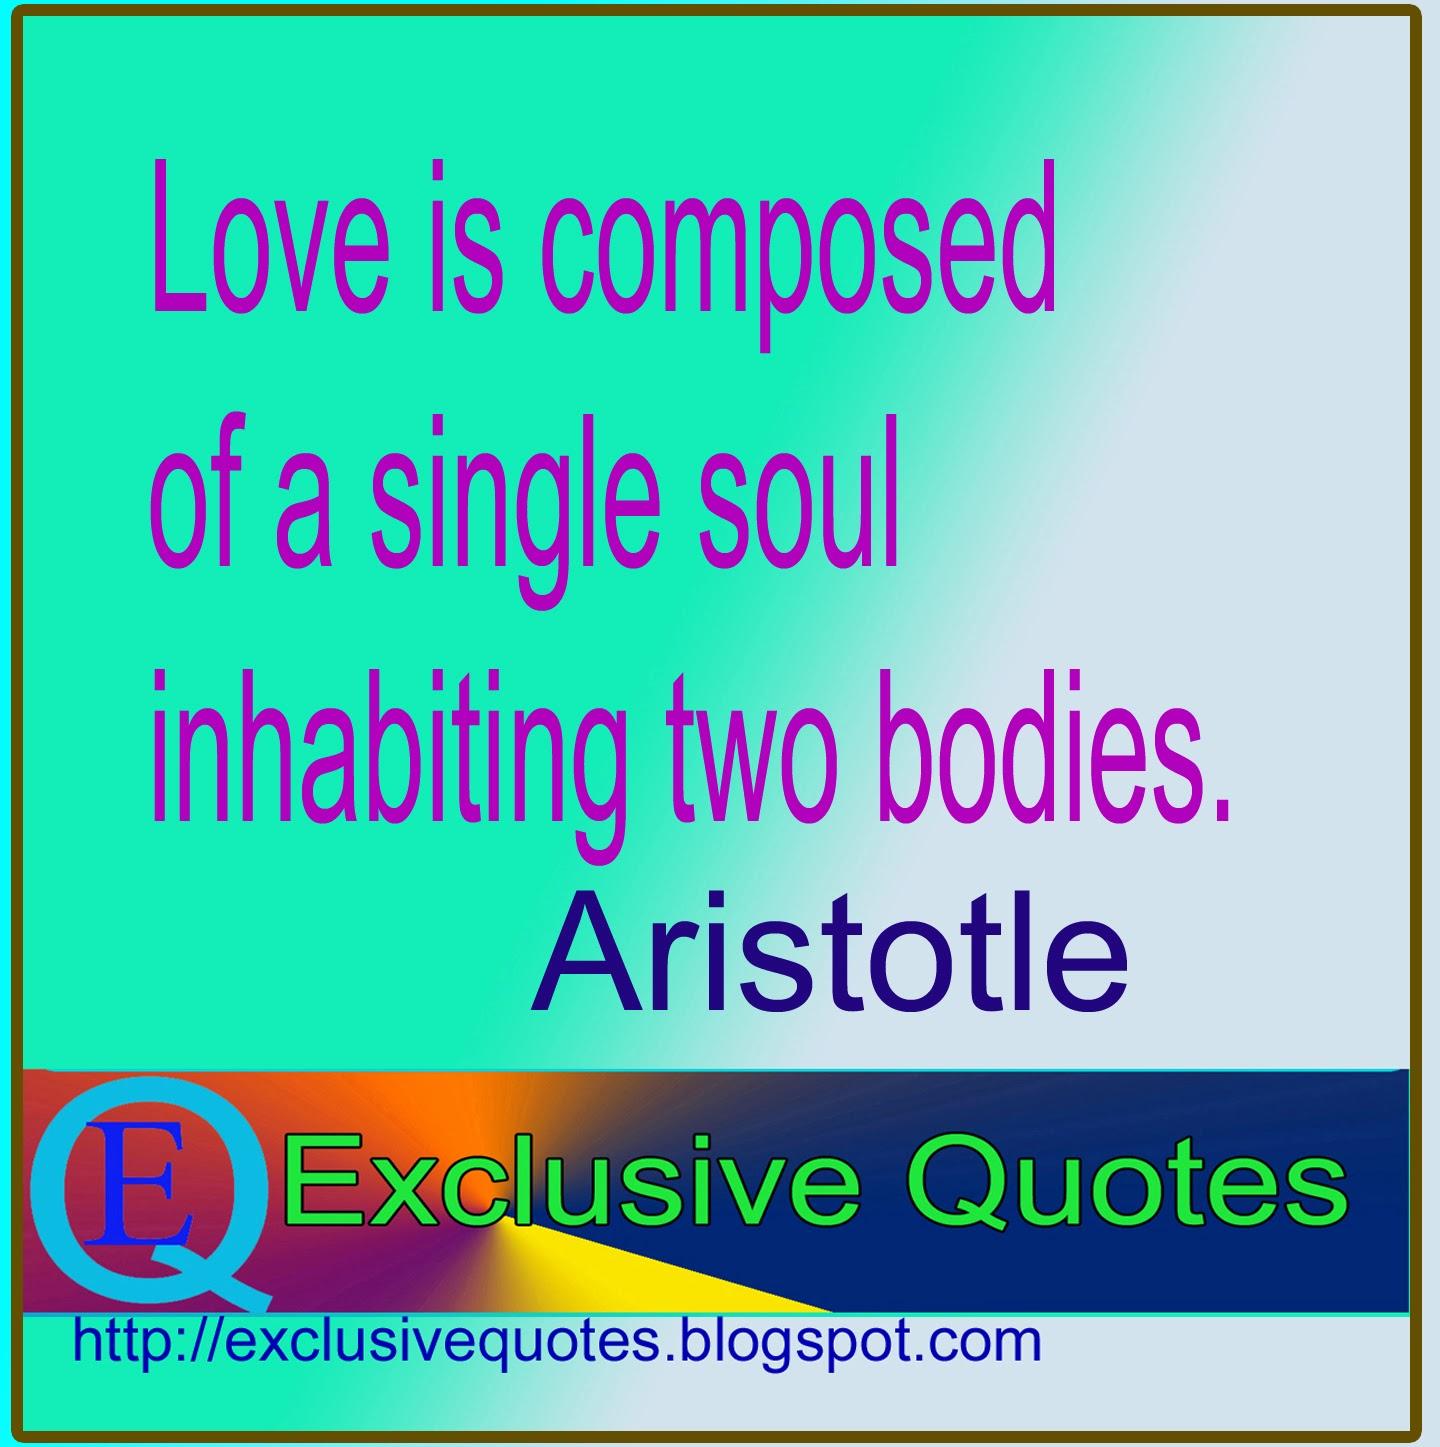 Aristotle Love Quotes. QuotesGram